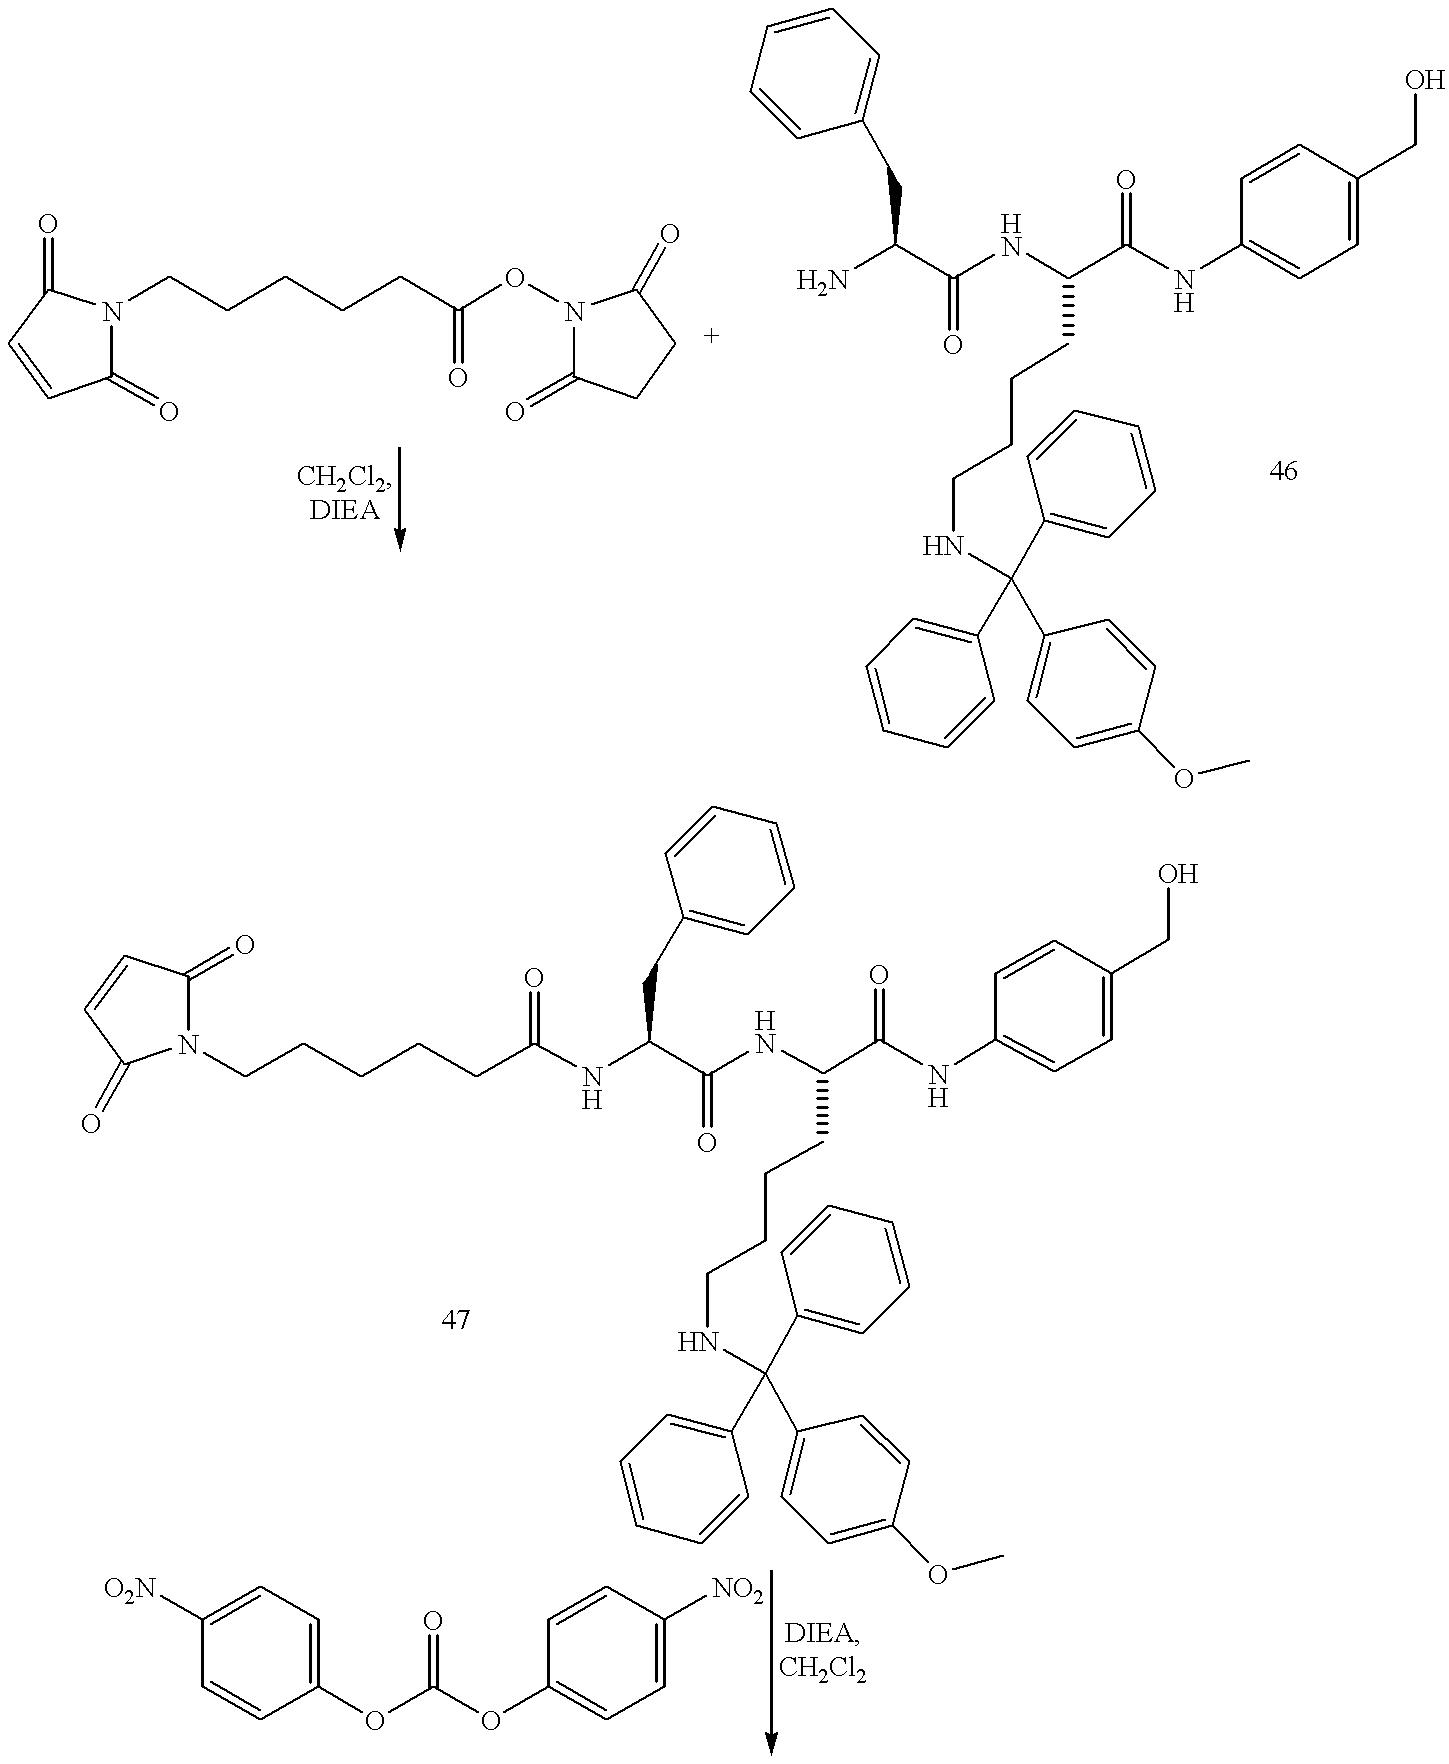 Figure US06214345-20010410-C00054